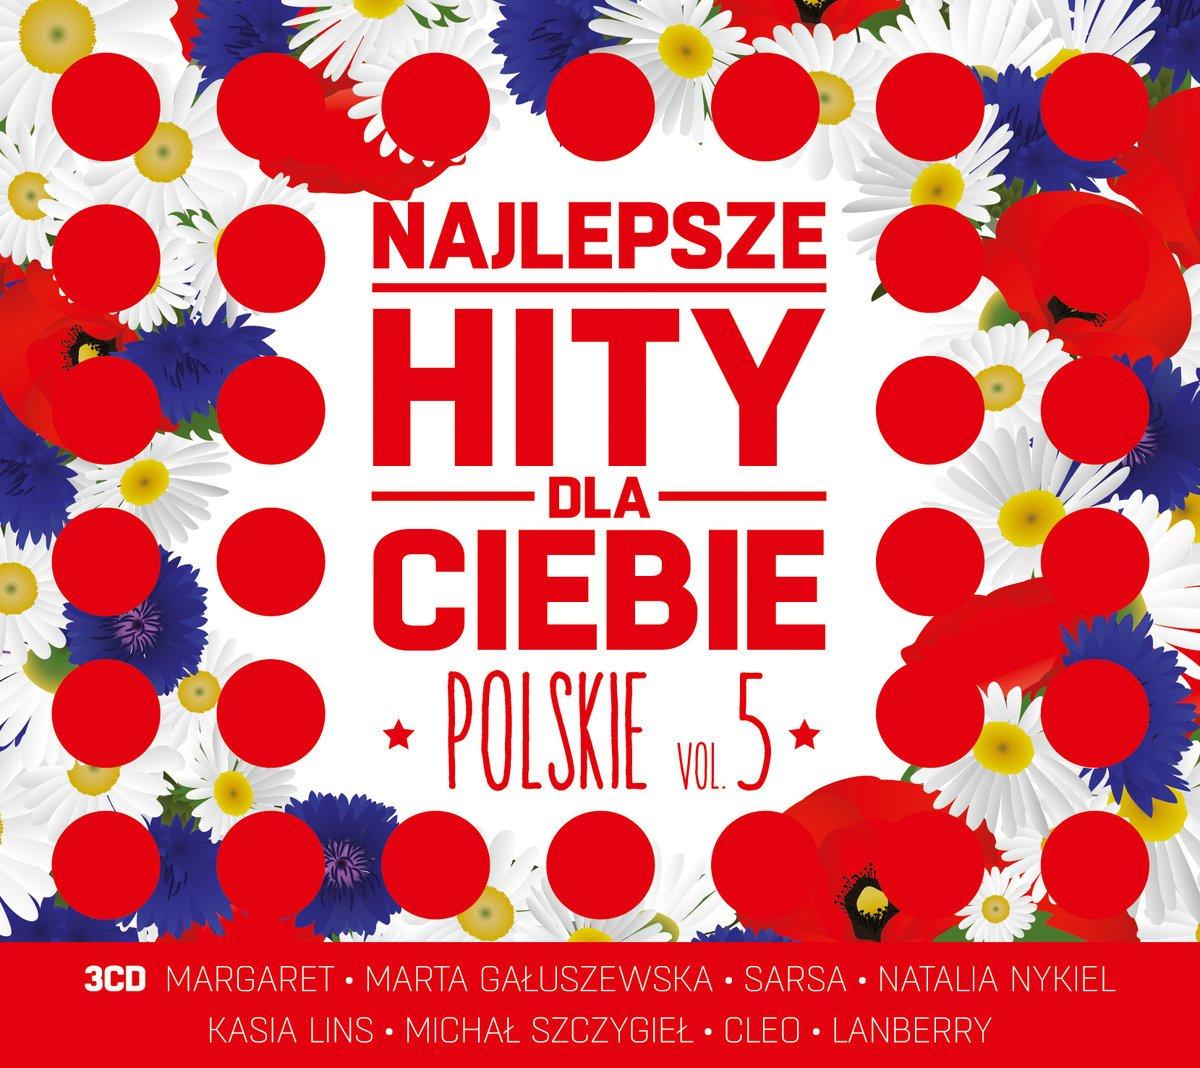 Najlepsze Hity Dla Ciebie: Polskie Vol.5